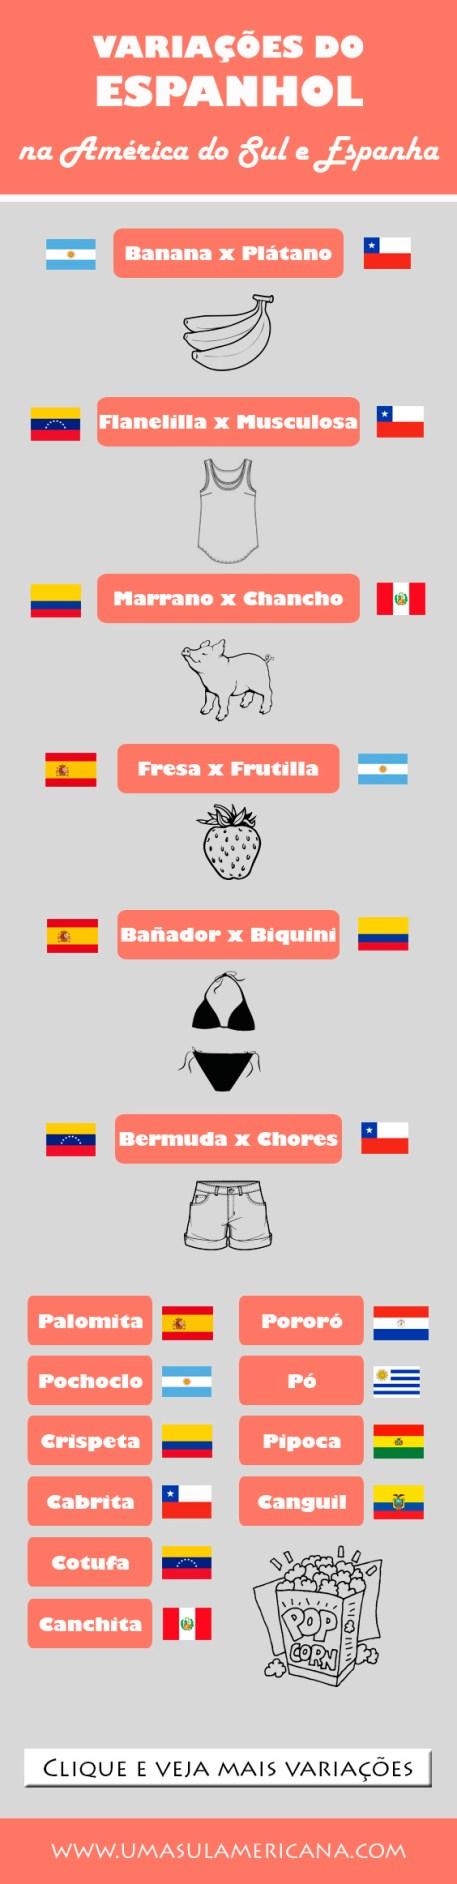 Variações do espanhol em países Latino Americanos e Espanha